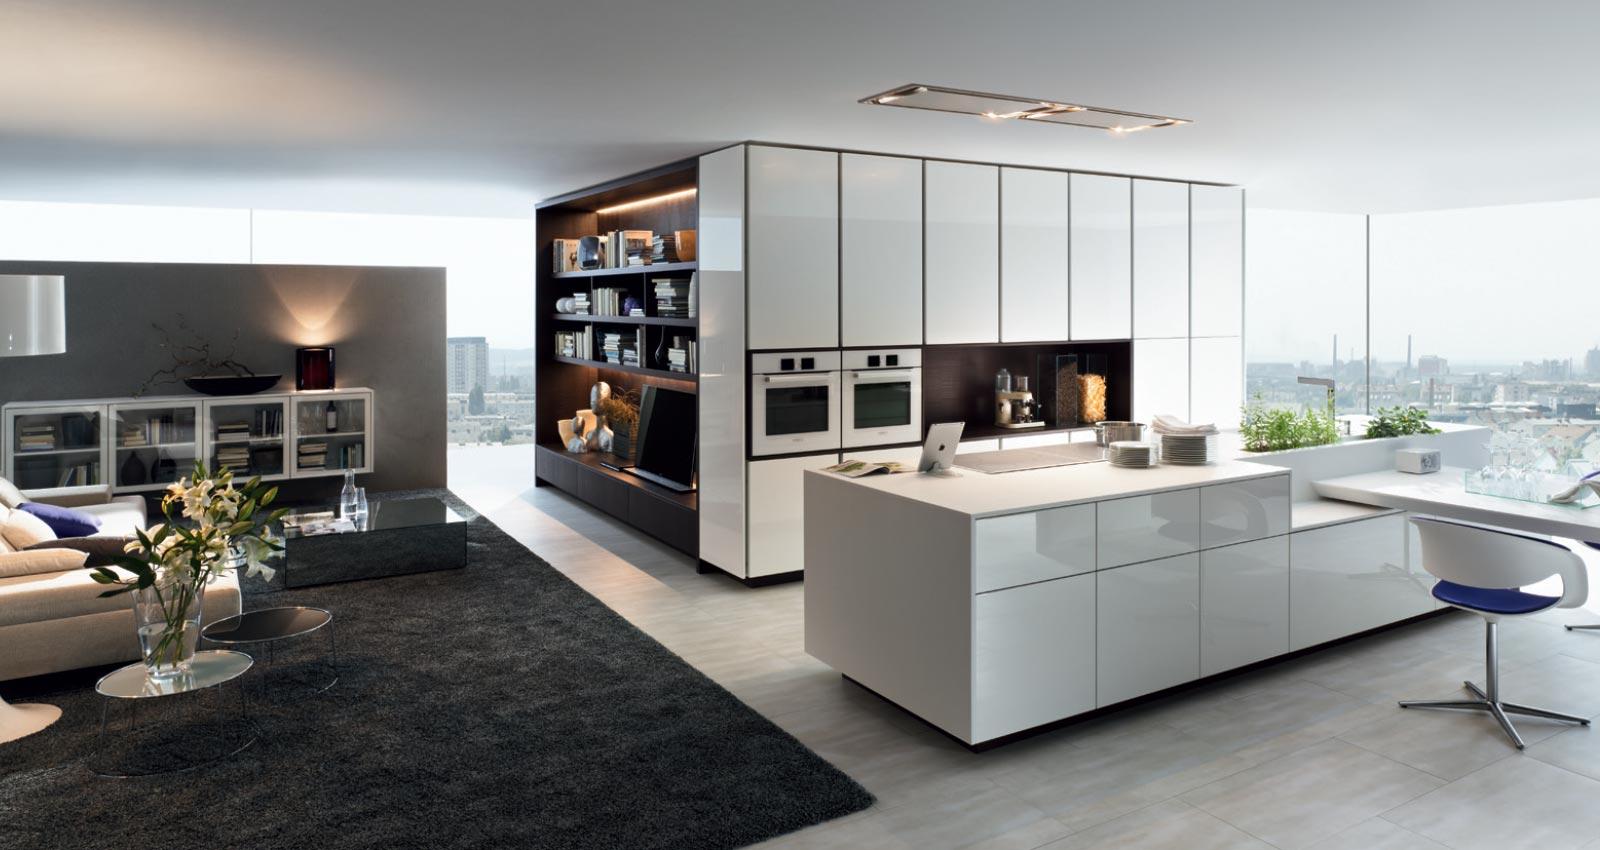 Dan k chen verovert nederland nieuws startpagina voor keuken idee n uw - Moderne designkeuken ...